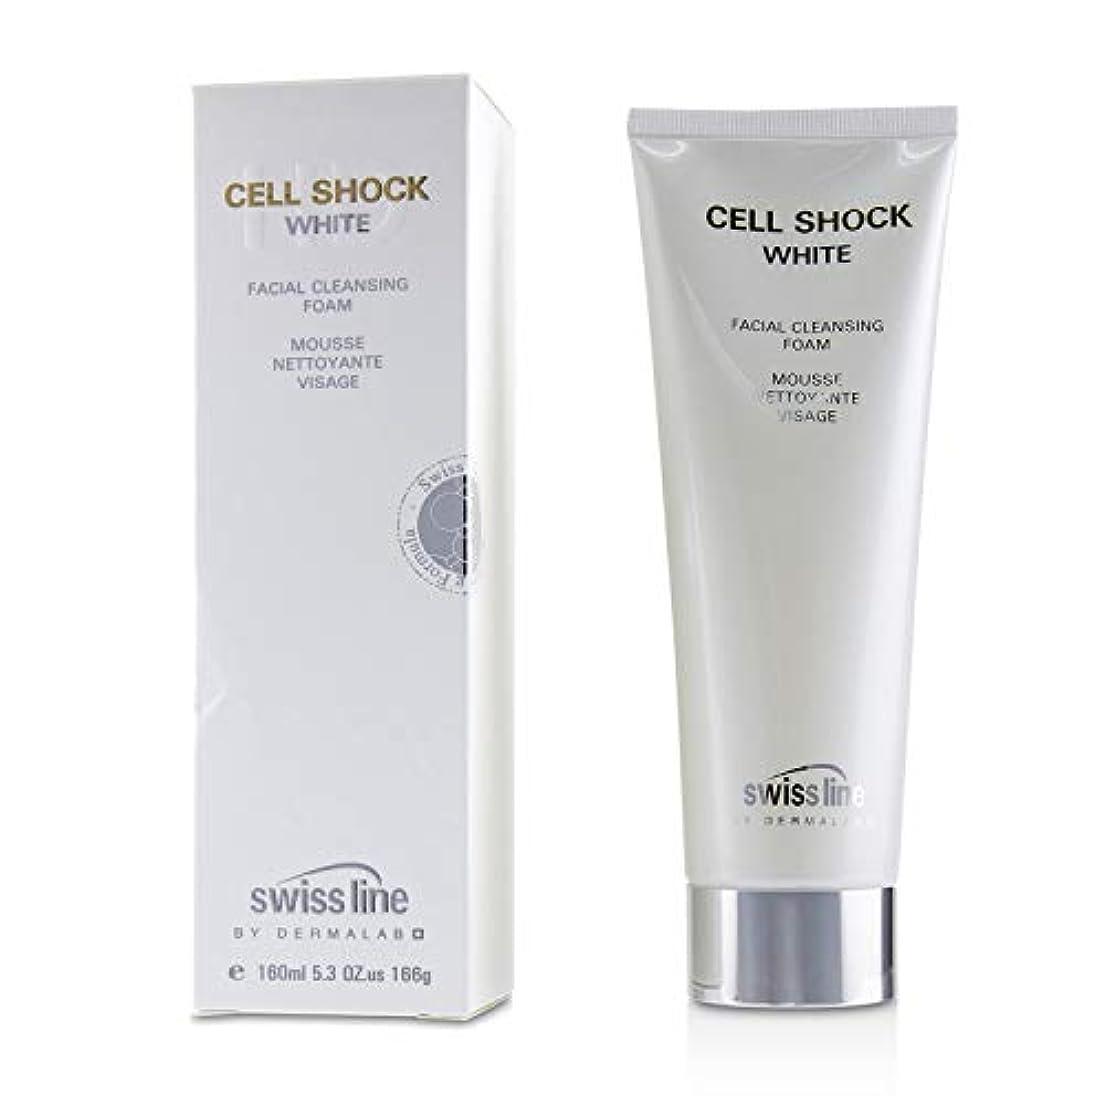 対話原始的な基礎スイスライン Cell Shock White Facial Cleansing Foam 160ml/5.3oz並行輸入品